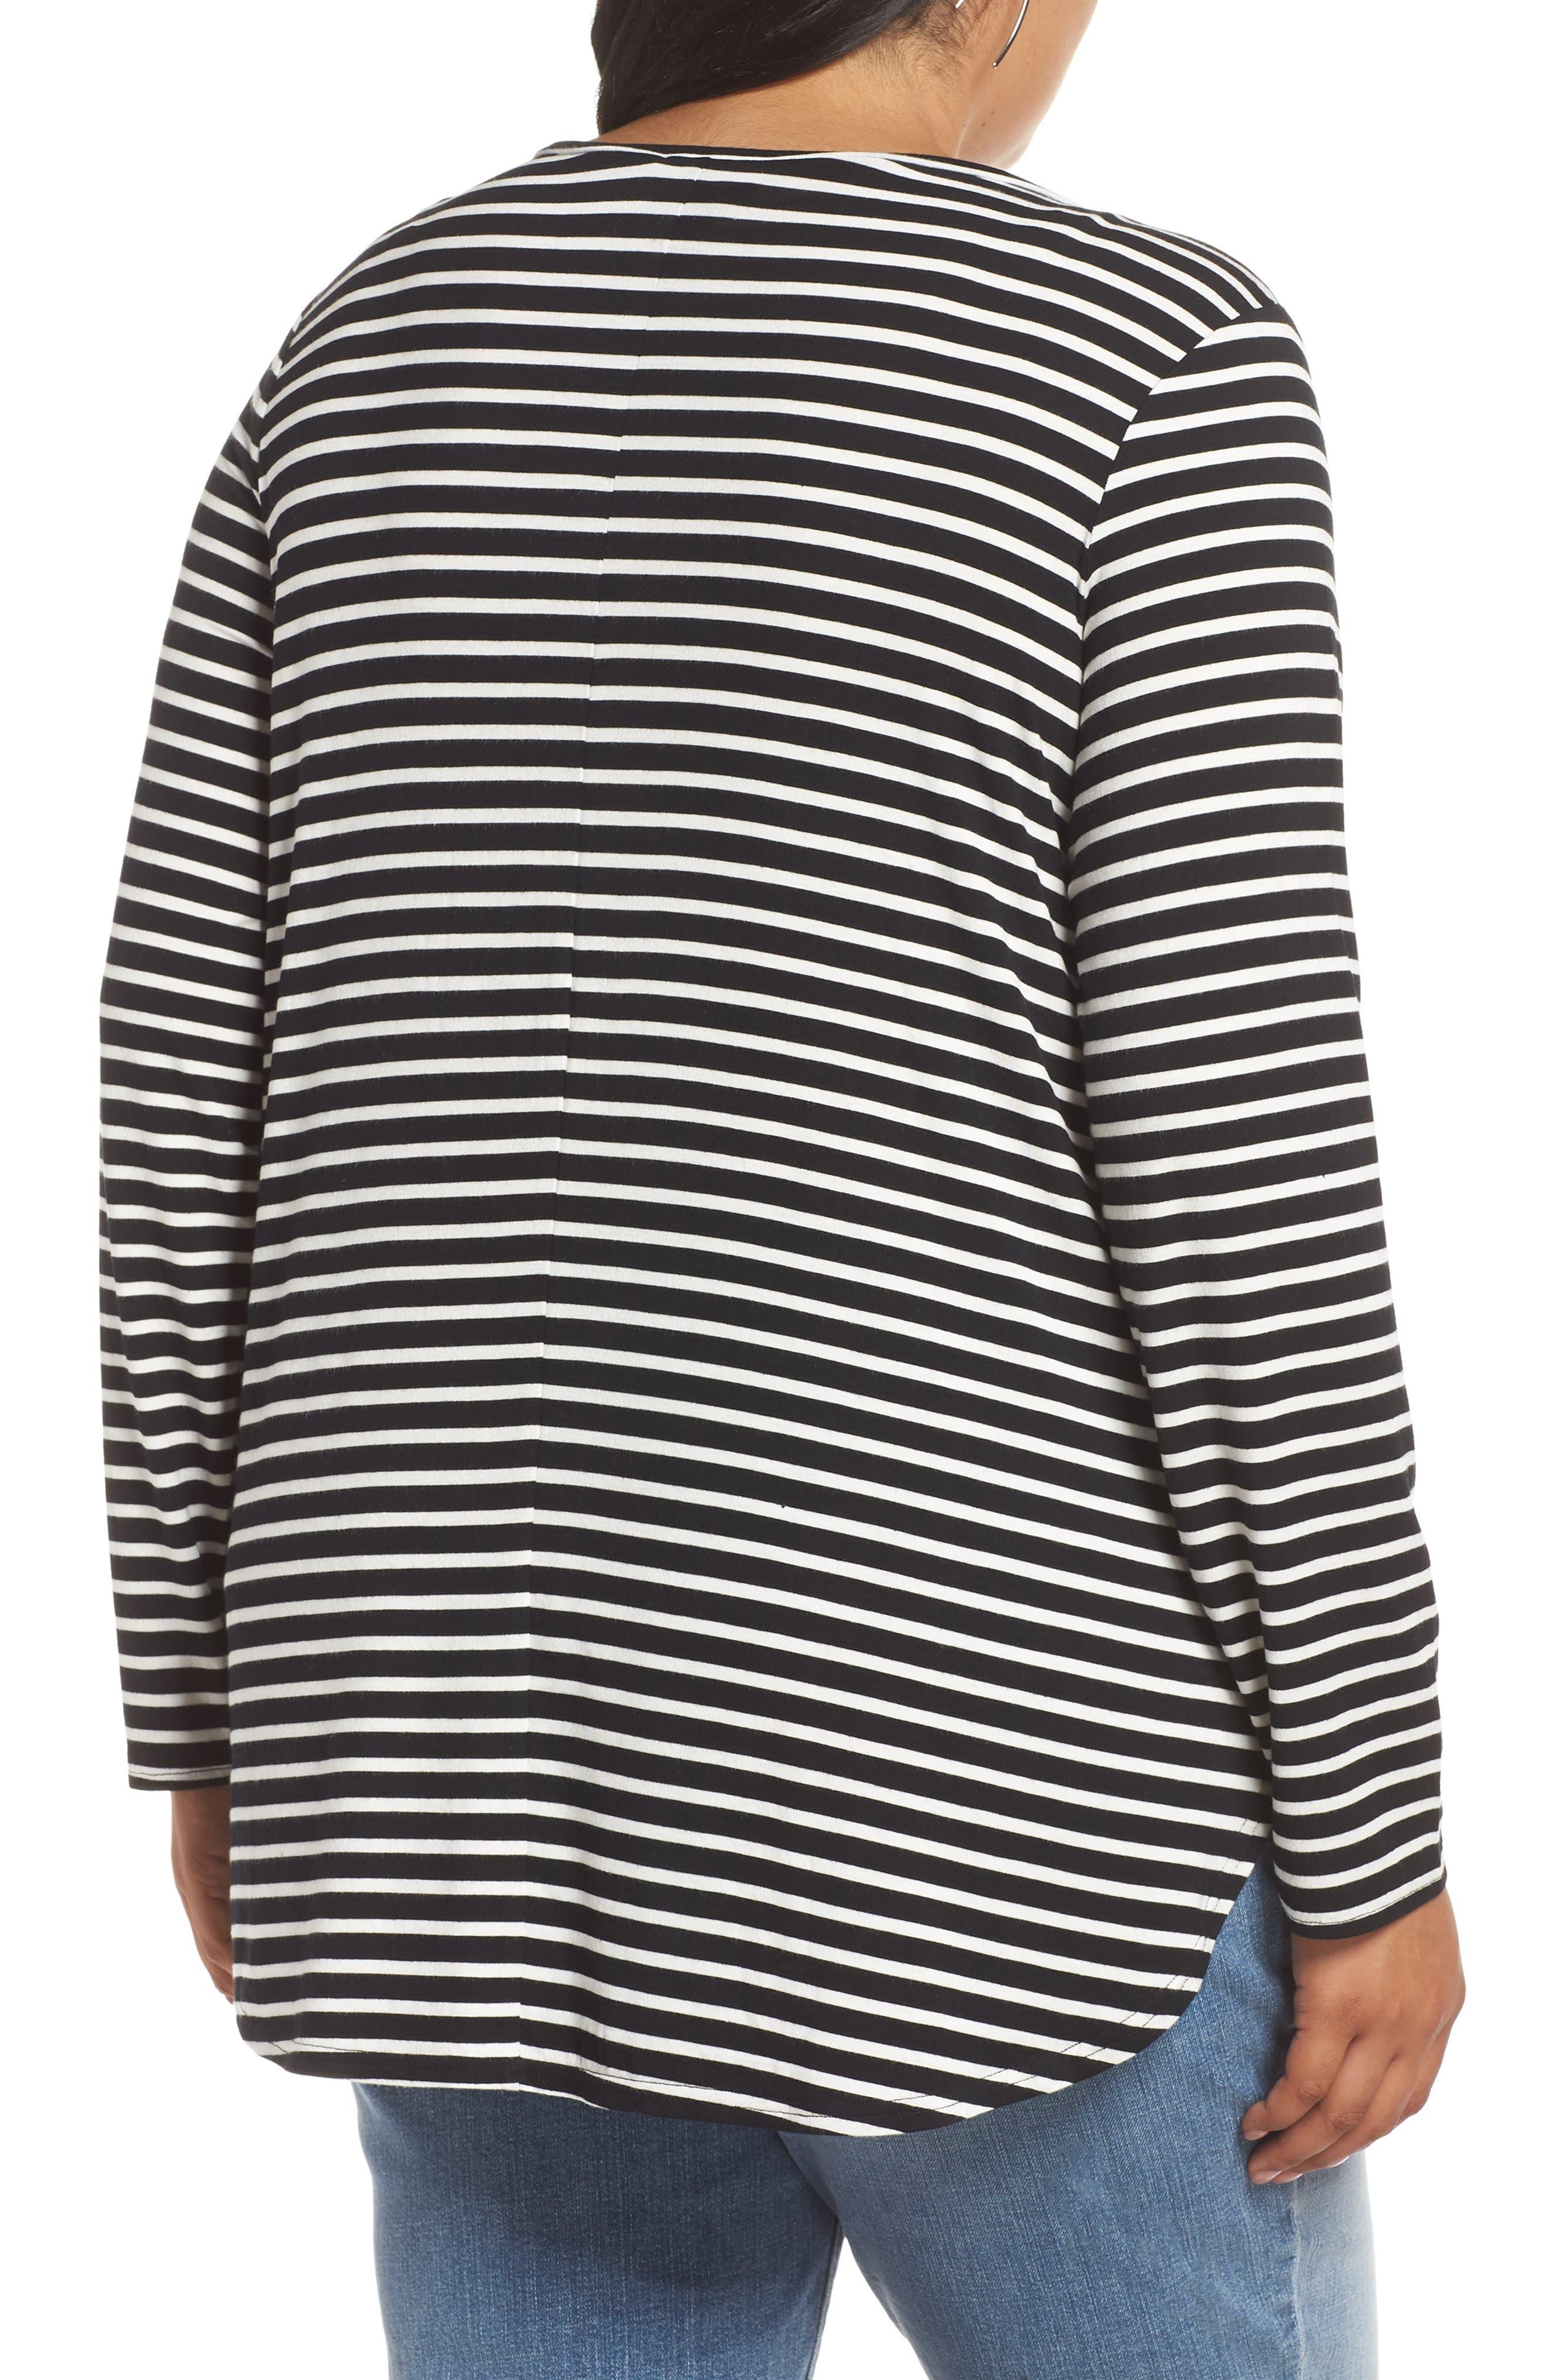 Stripe Tunic,                             Alternate thumbnail 2, color,                             BLACK- IVORY ELAINA STRIPE